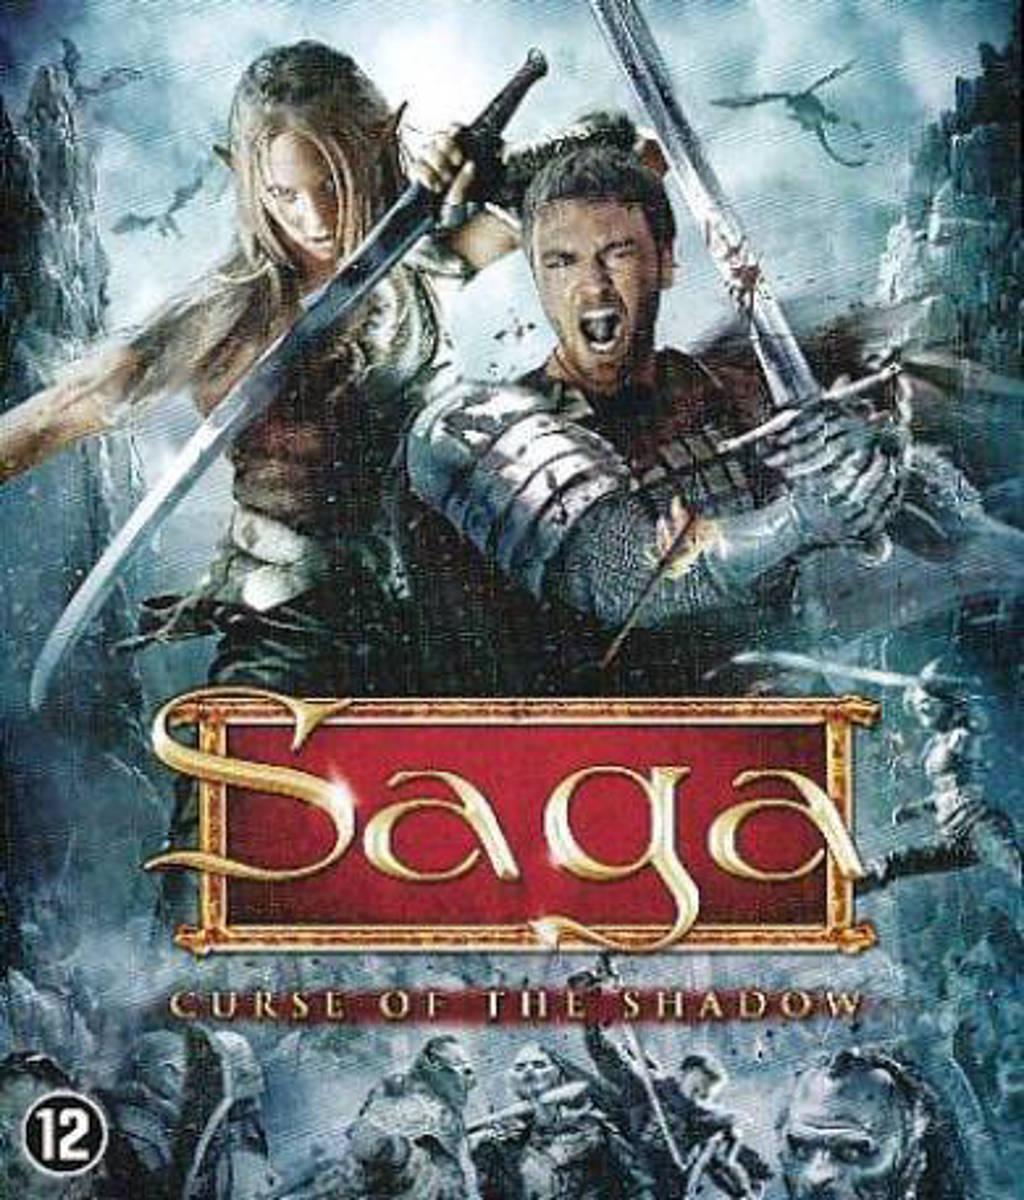 Saga - Curse of the shadow (Blu-ray)